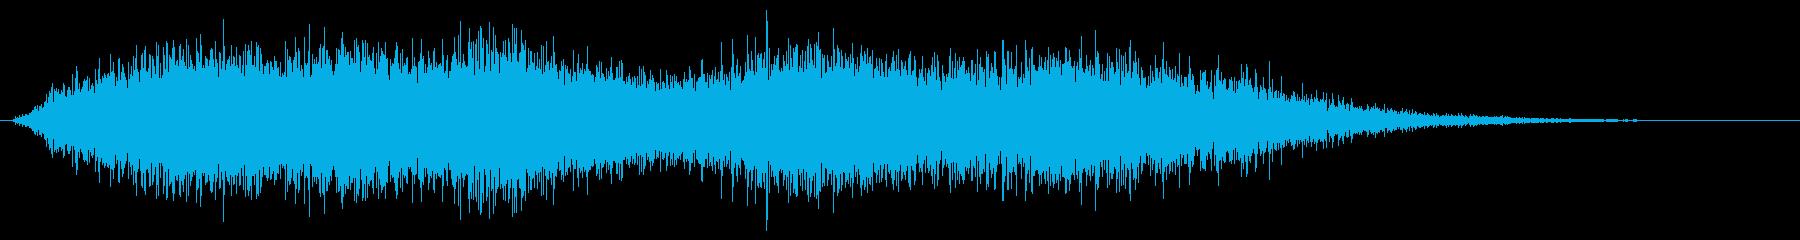 ビッグ・グリッティ・フーシュの再生済みの波形